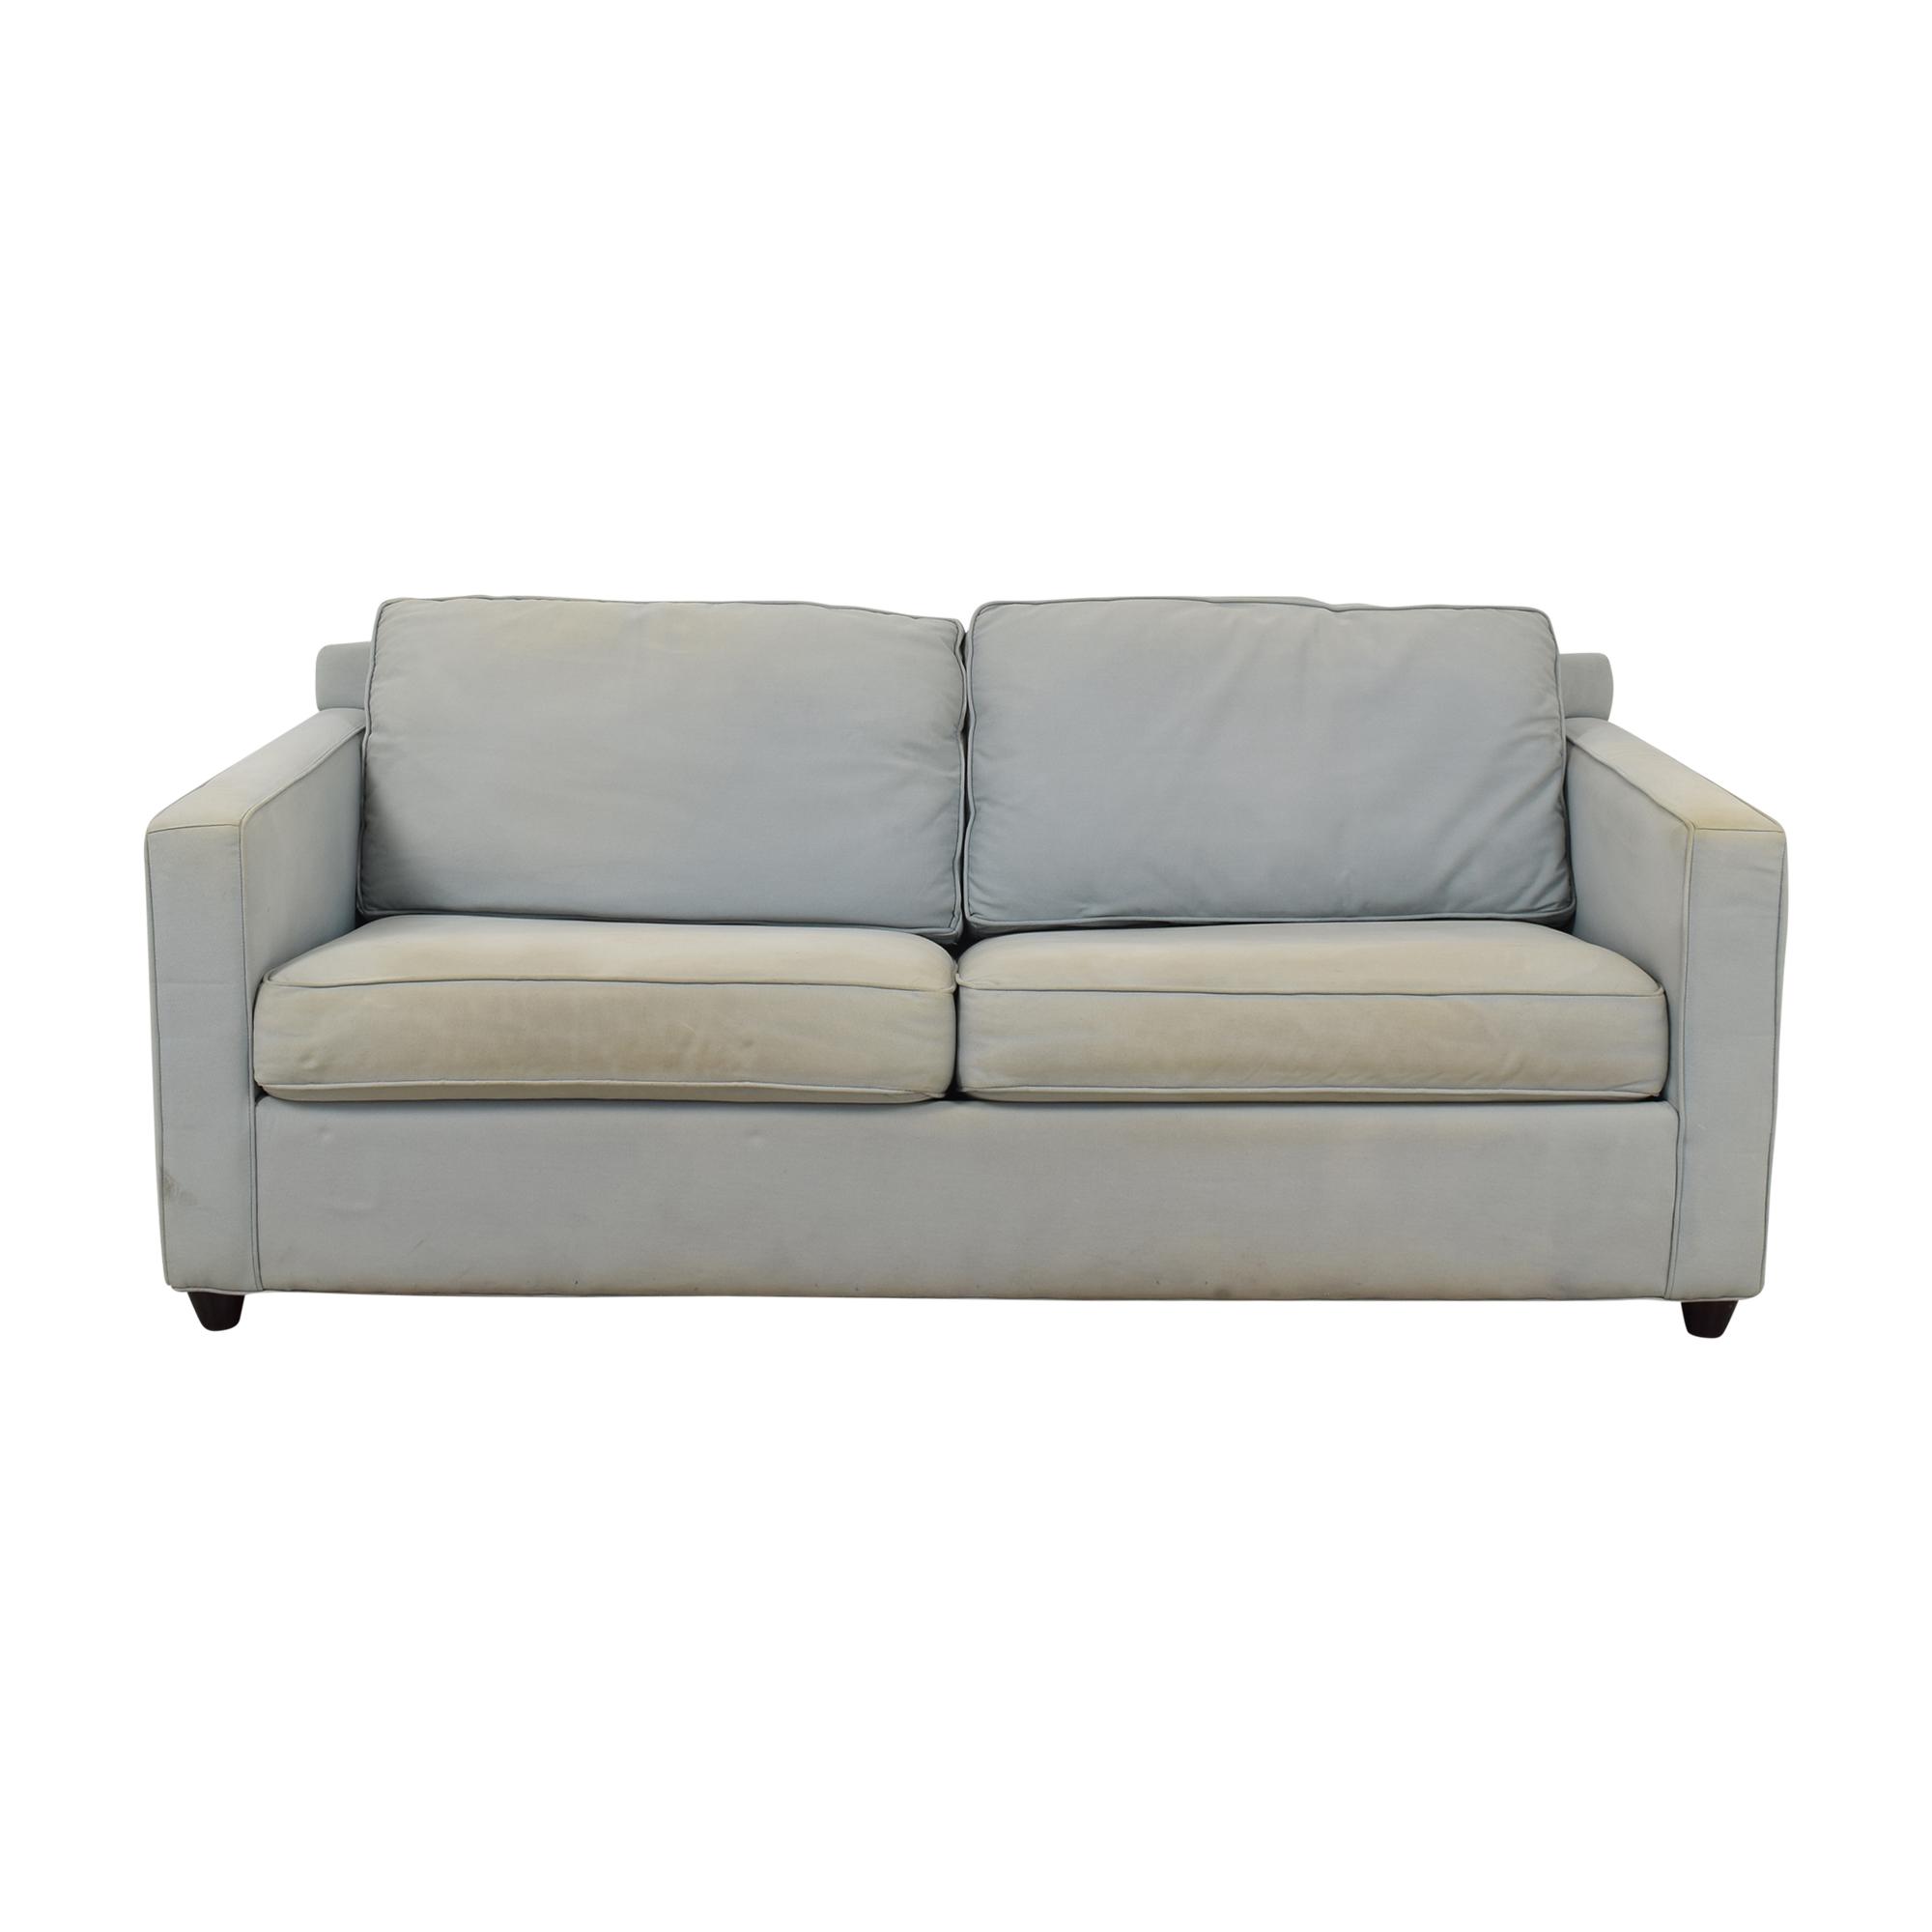 Crate & Barrel Crate & Barrel Sleeper Sofa  light blue